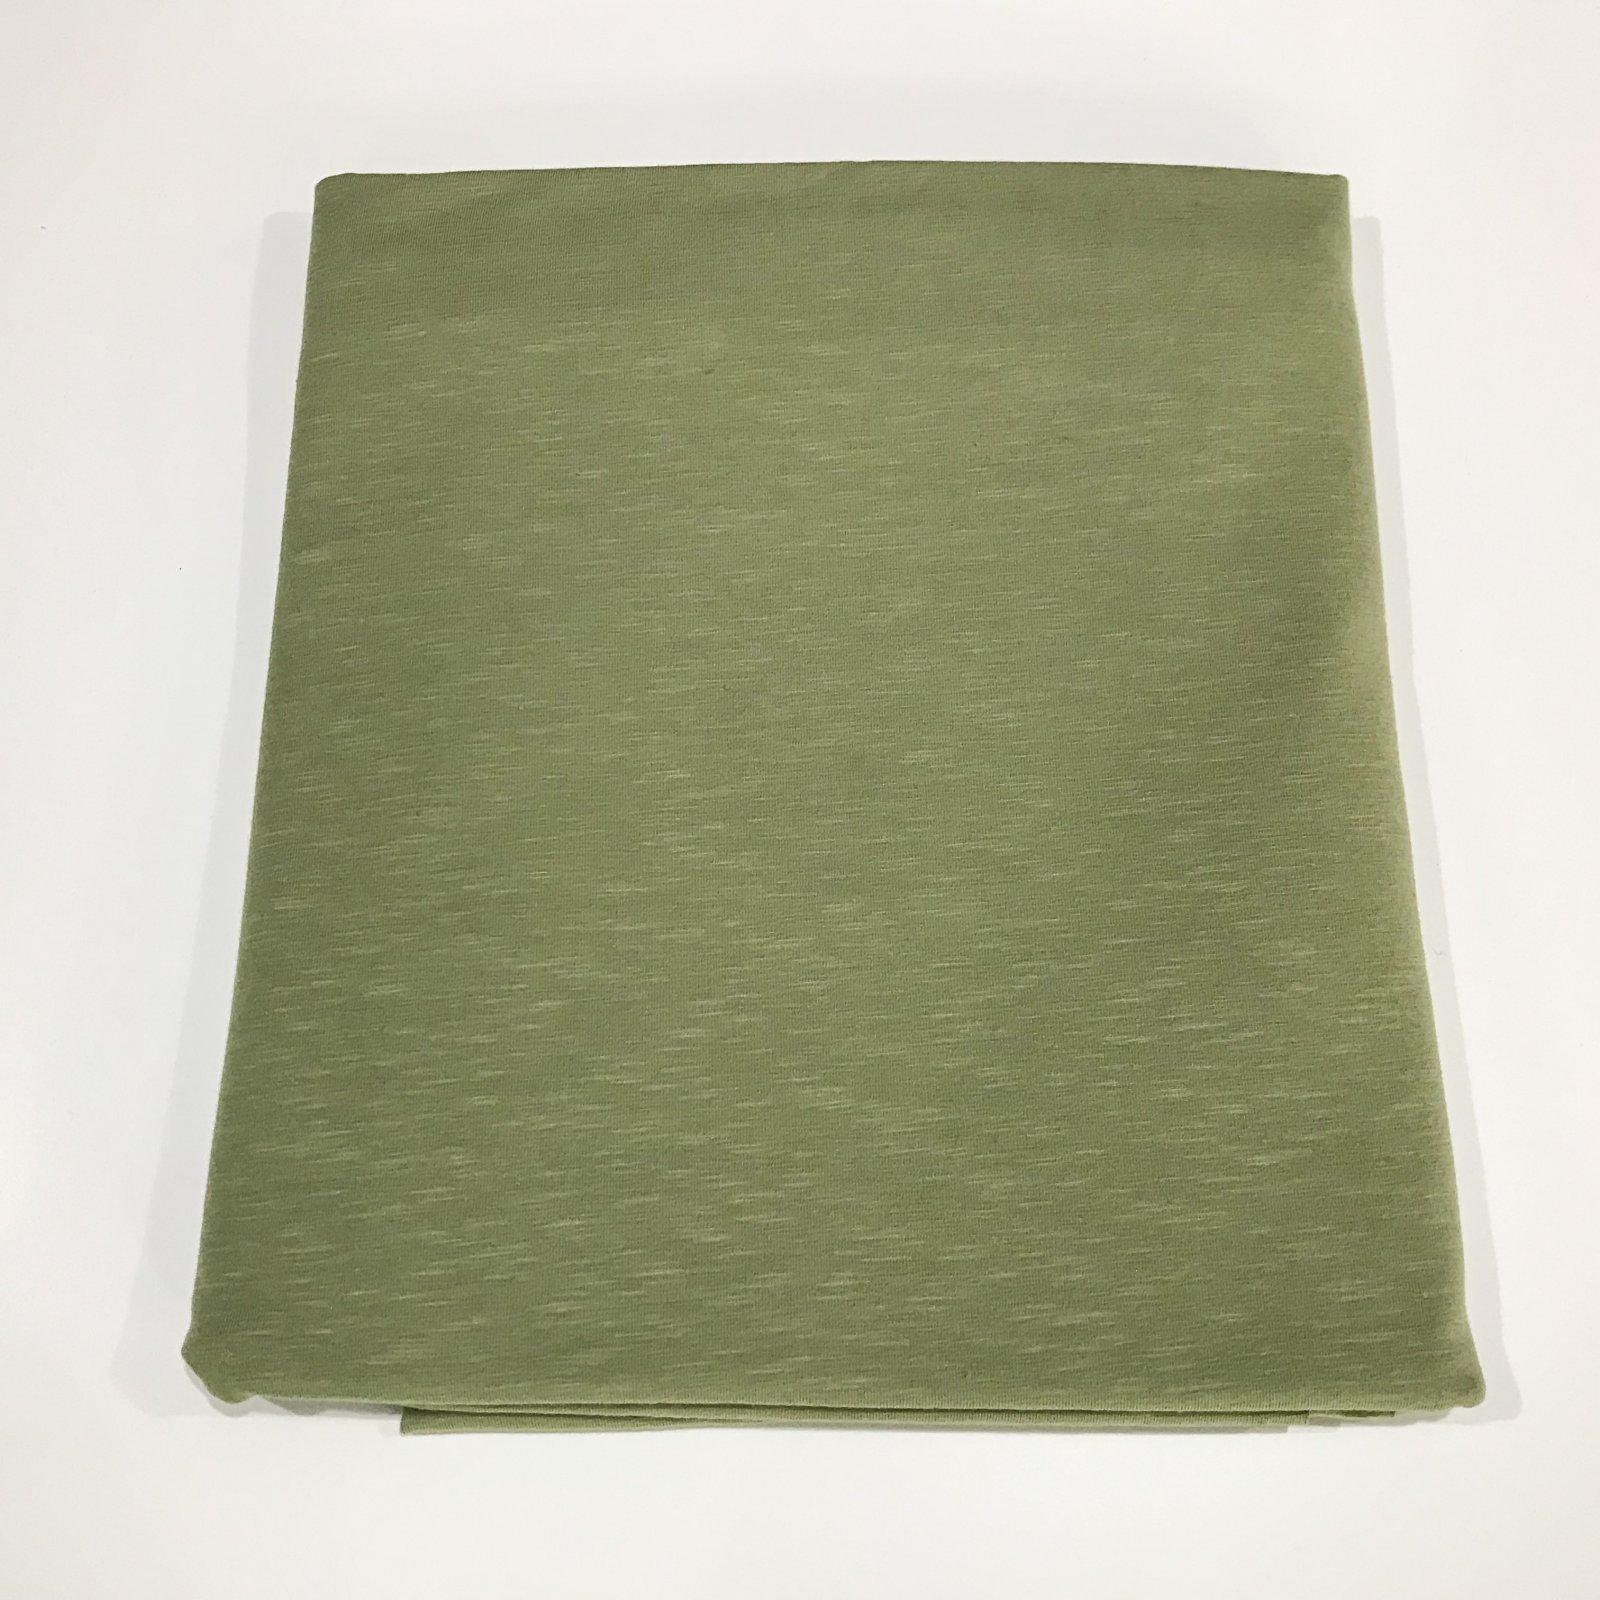 1 yard + 13 inches - Organic Cotton Jersey - Melange Sage